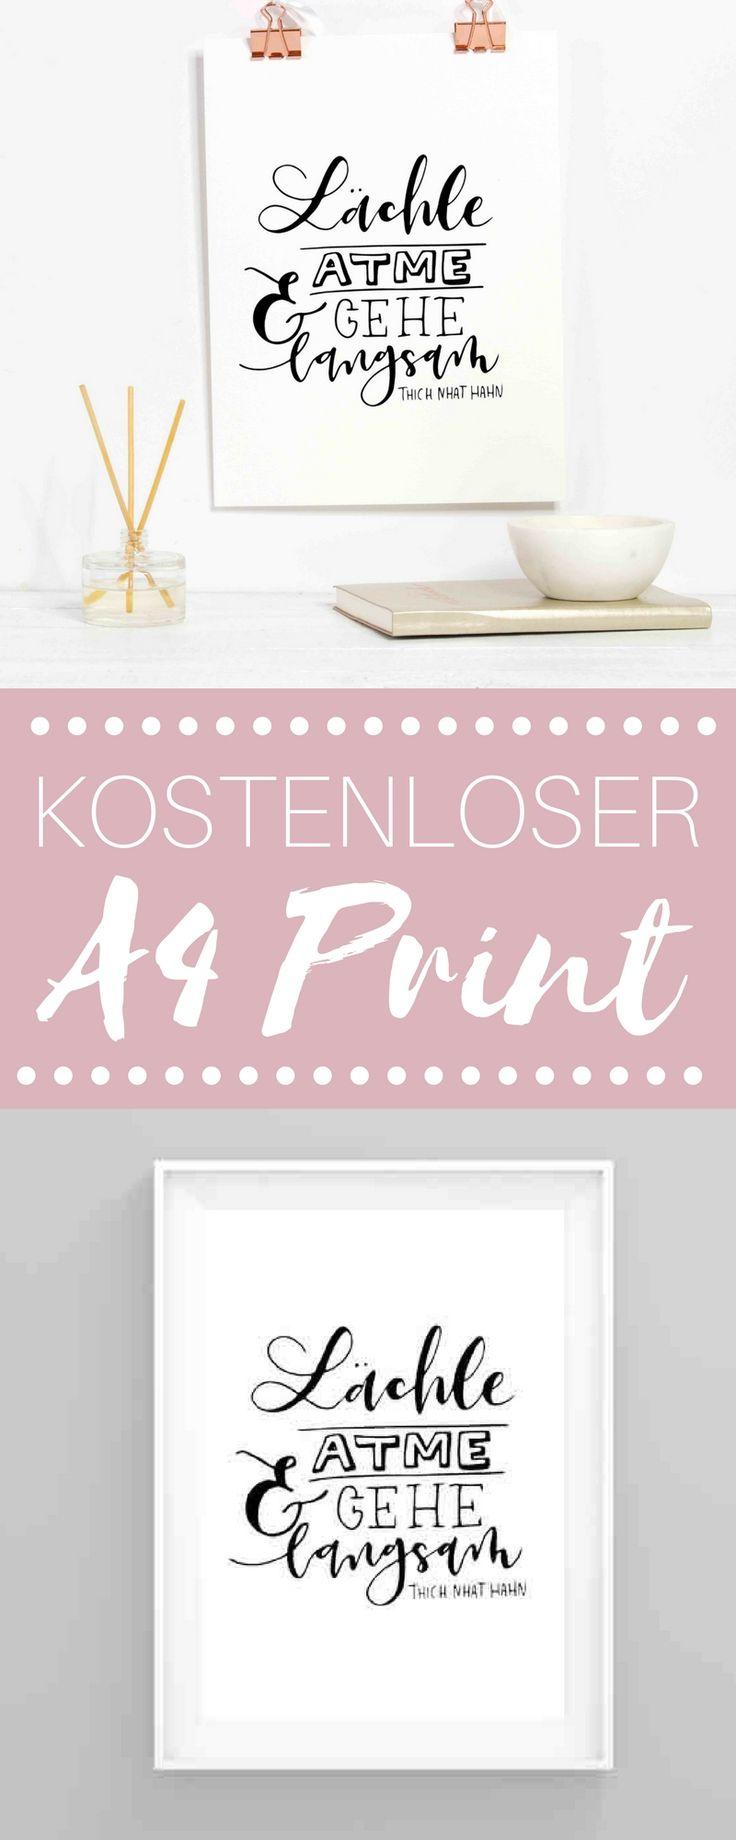 425 best Druckvorlagen images on Pinterest | Marquis, Postcards and ...